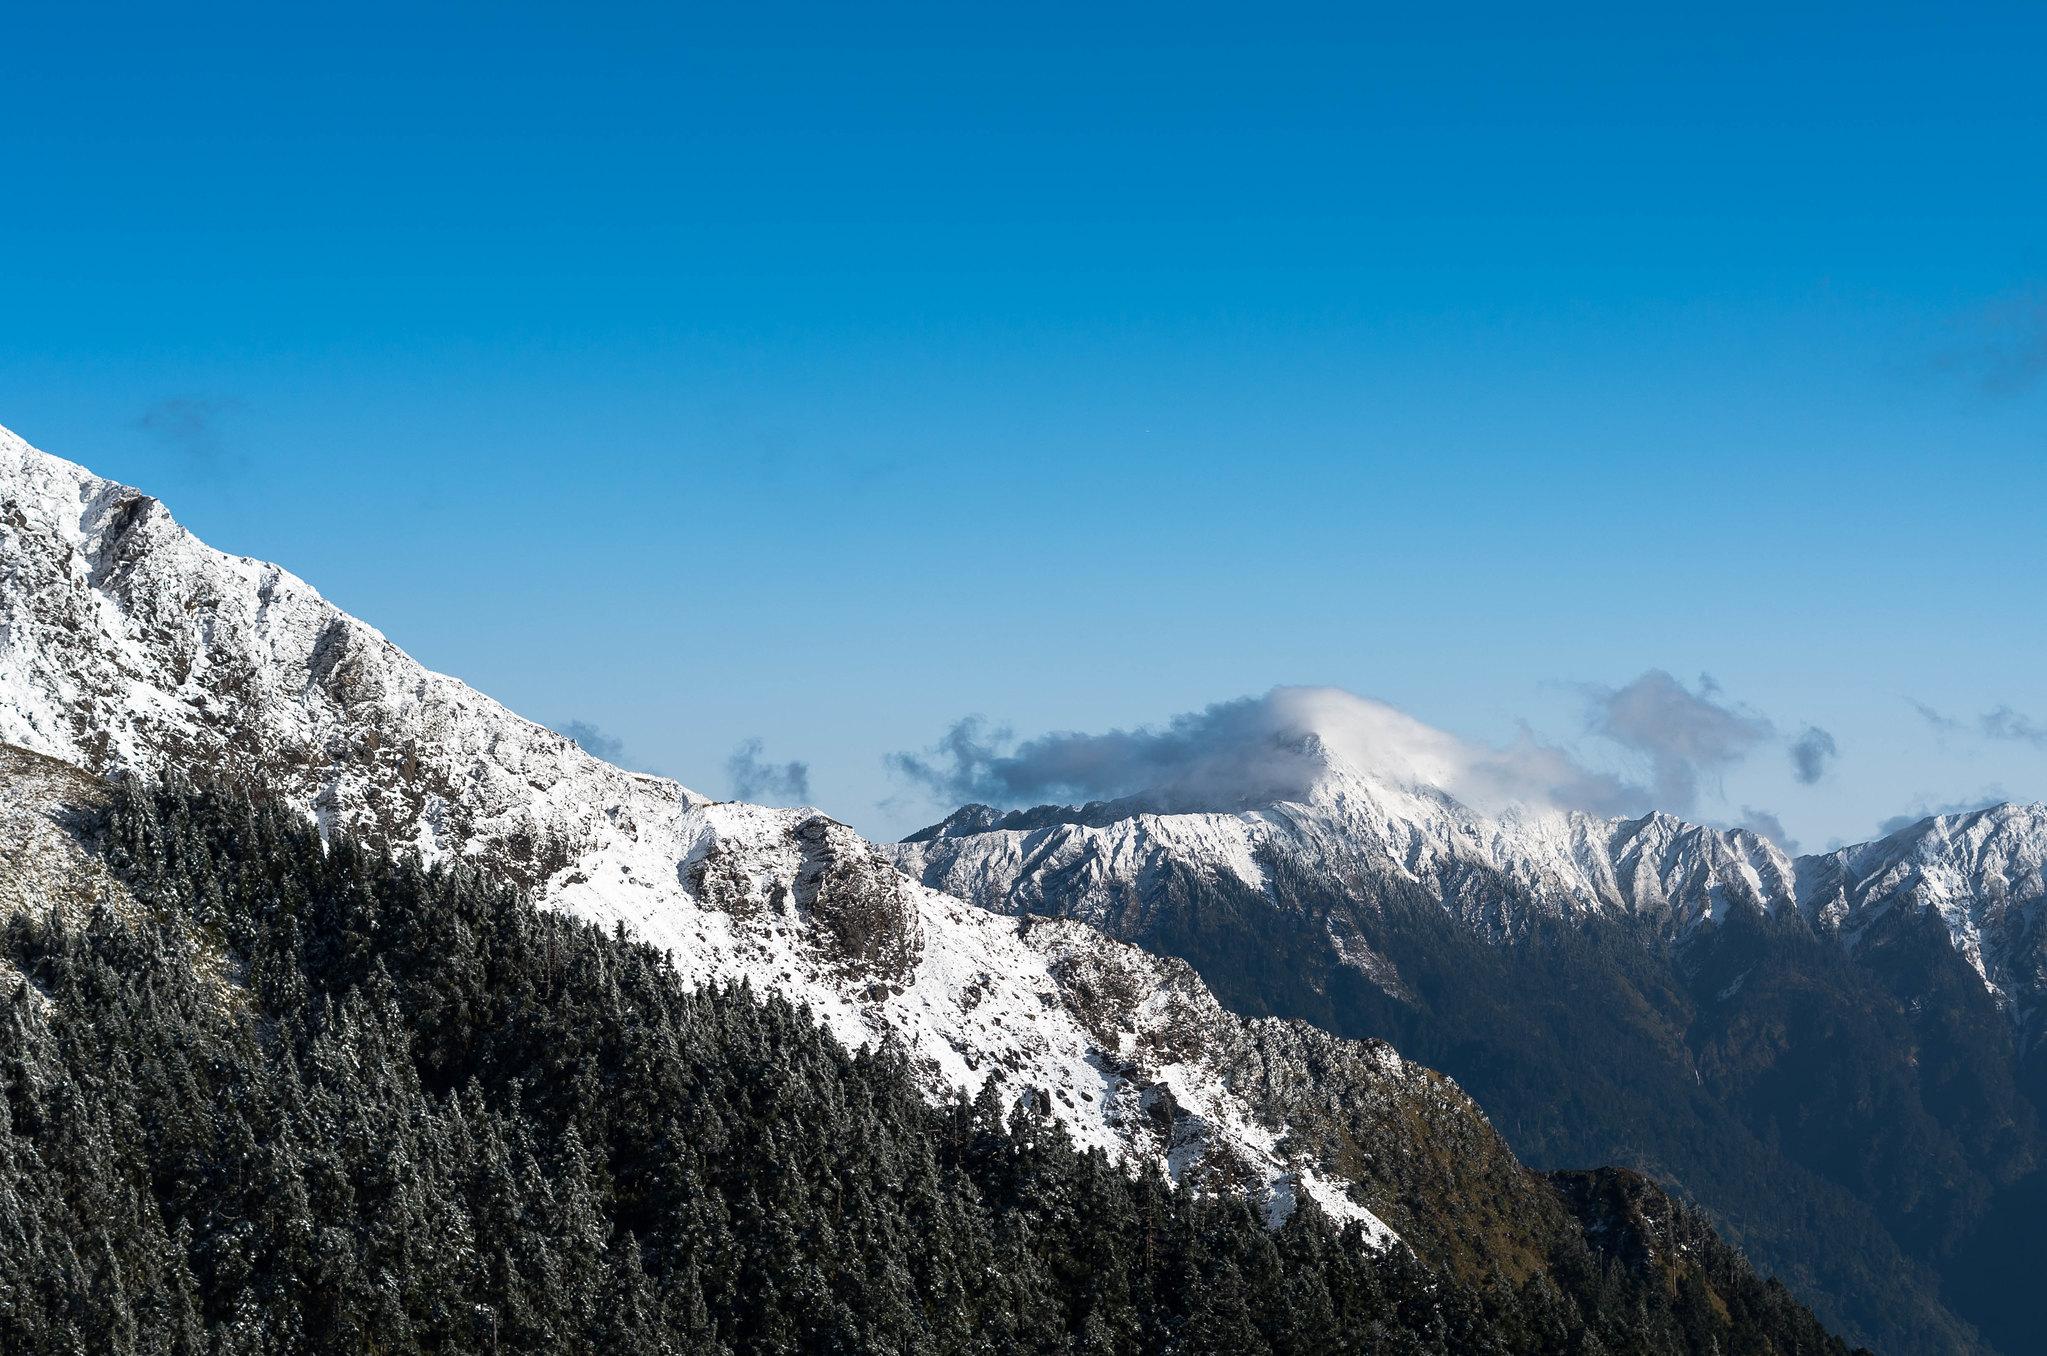 下雪的武嶺